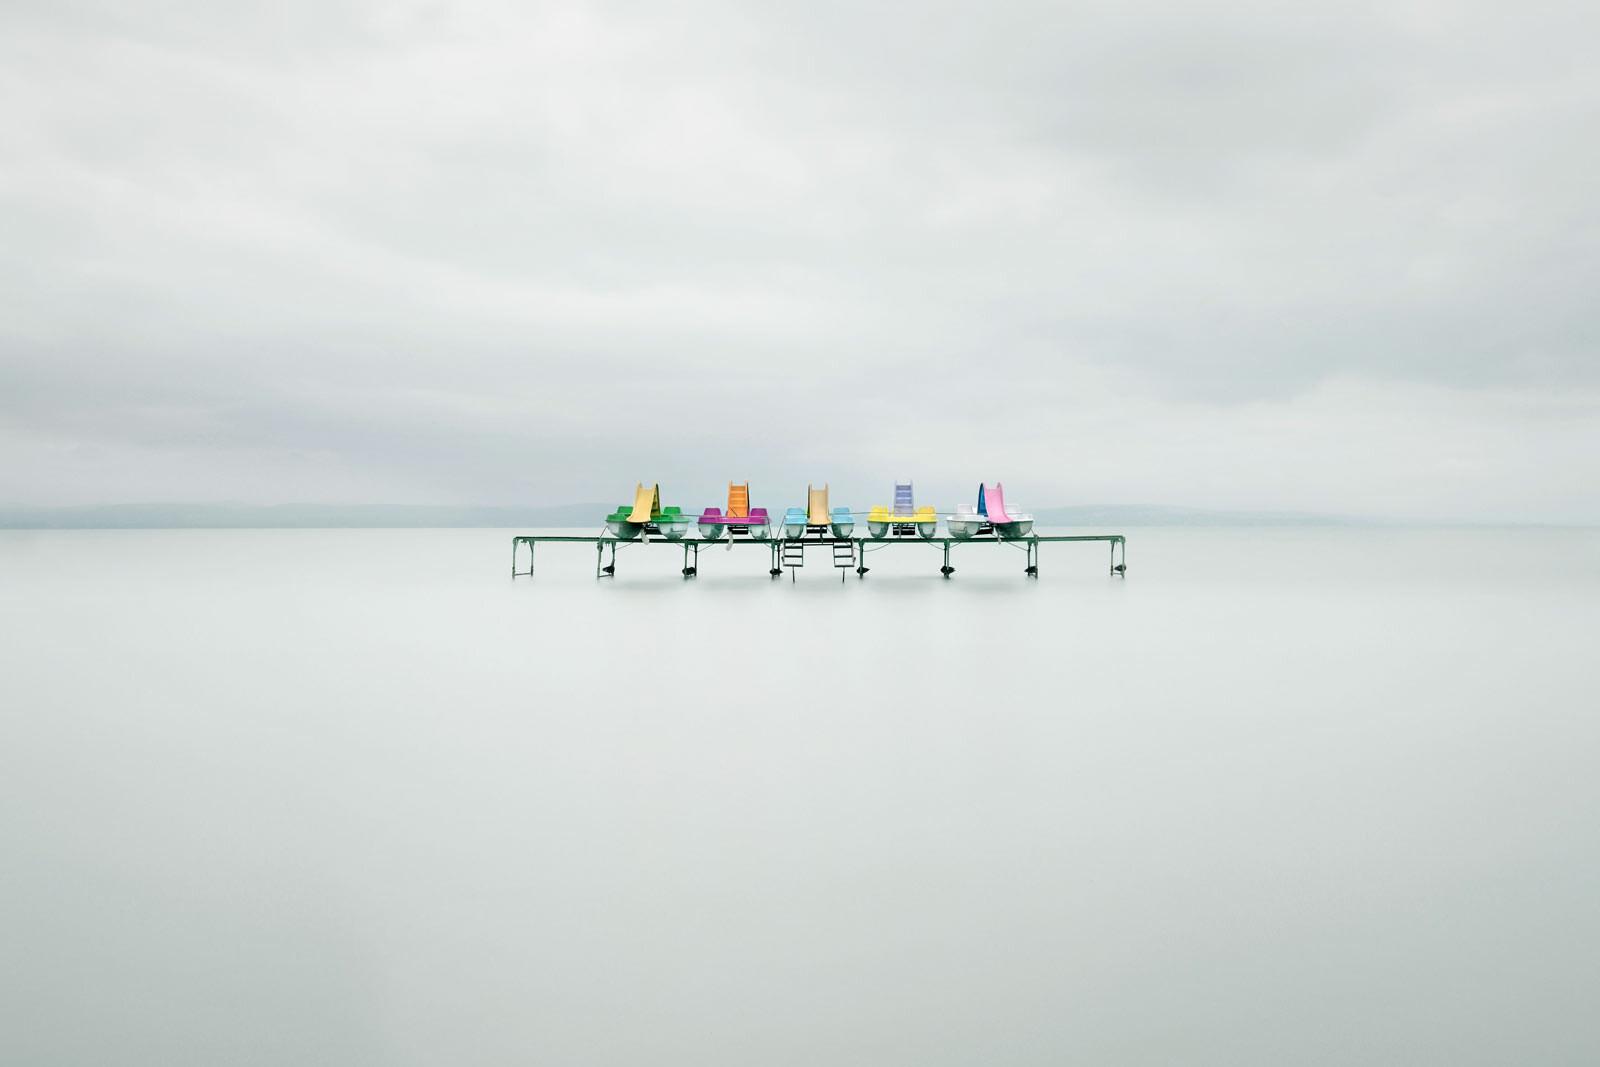 Pedalboats - Akos Major